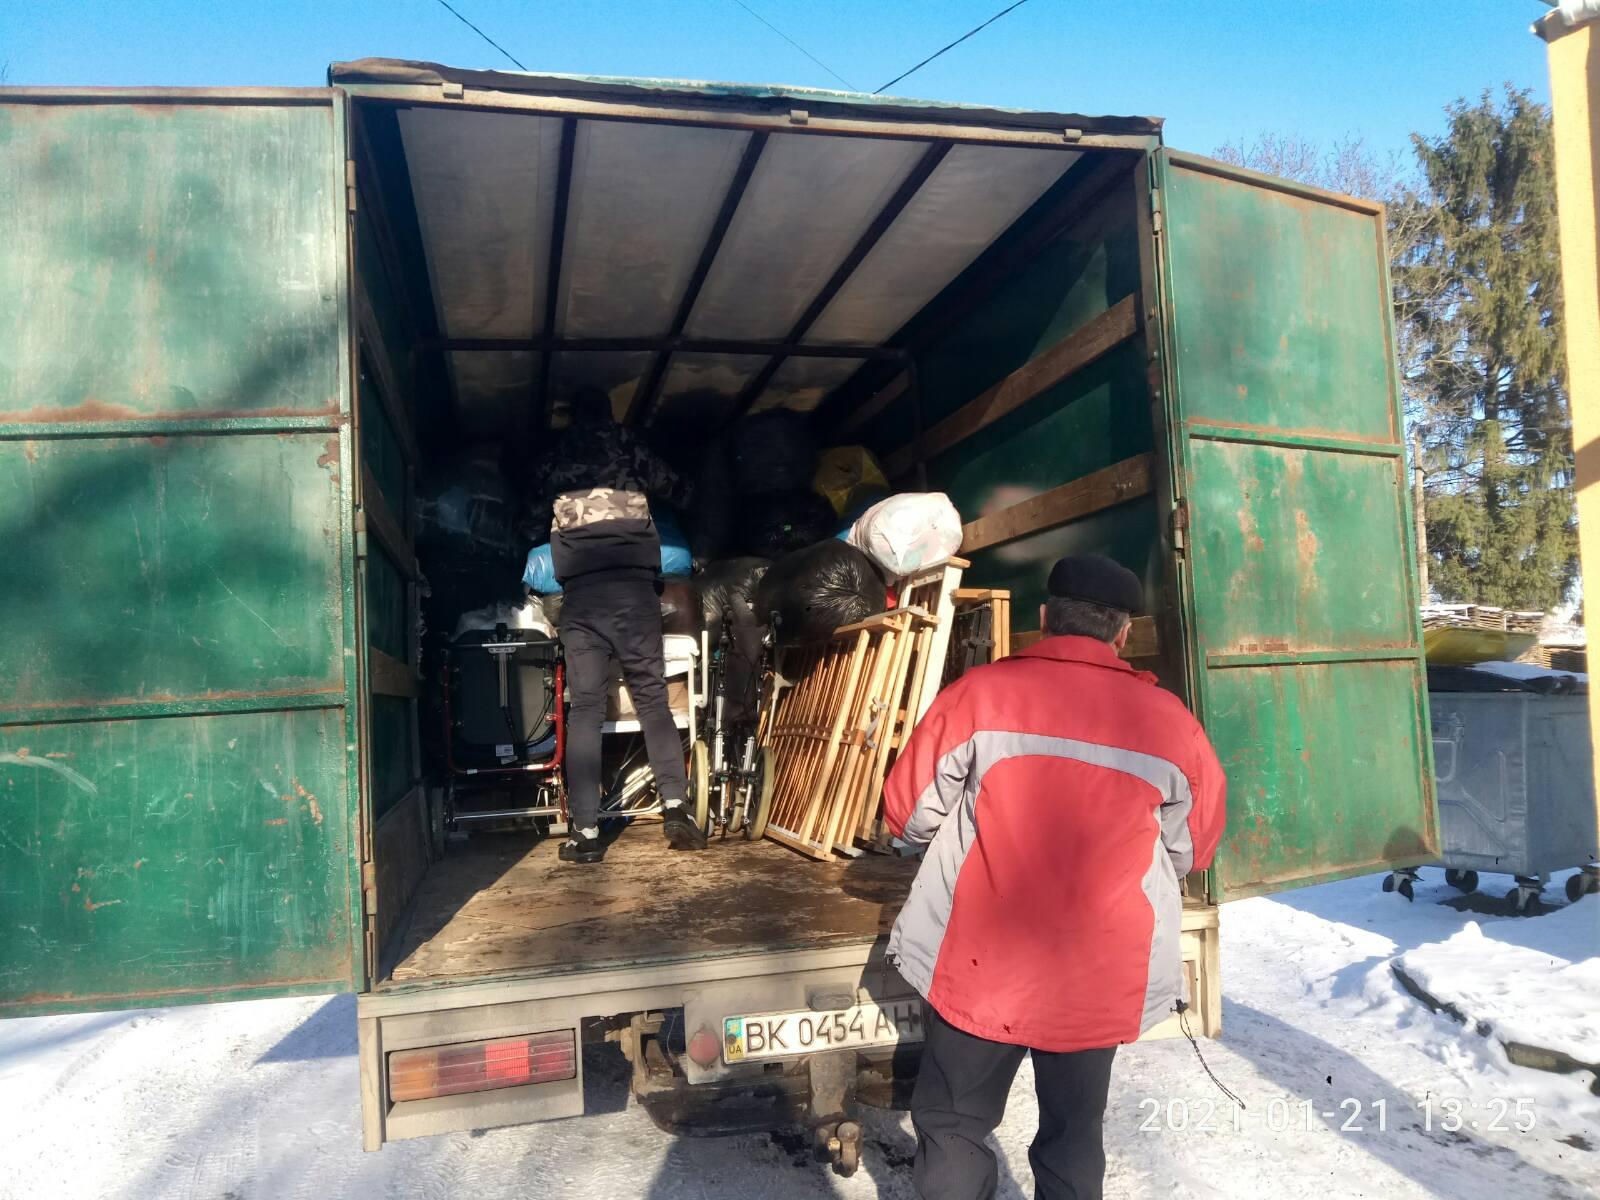 Гуманітарну допомогу отримали соціально незахищена категорія населення Демидівської селищної ради